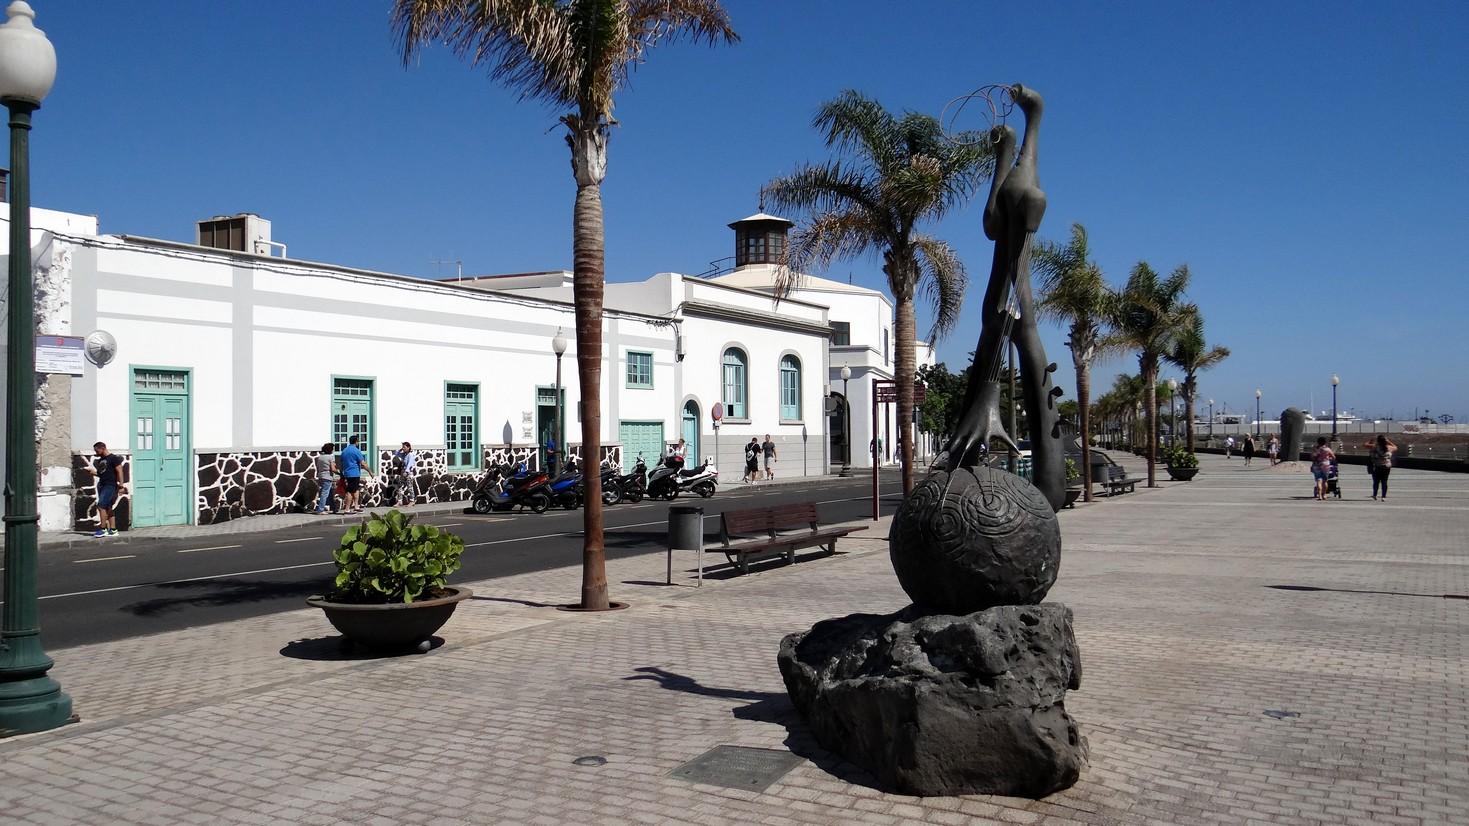 Lanzarote006.jpg